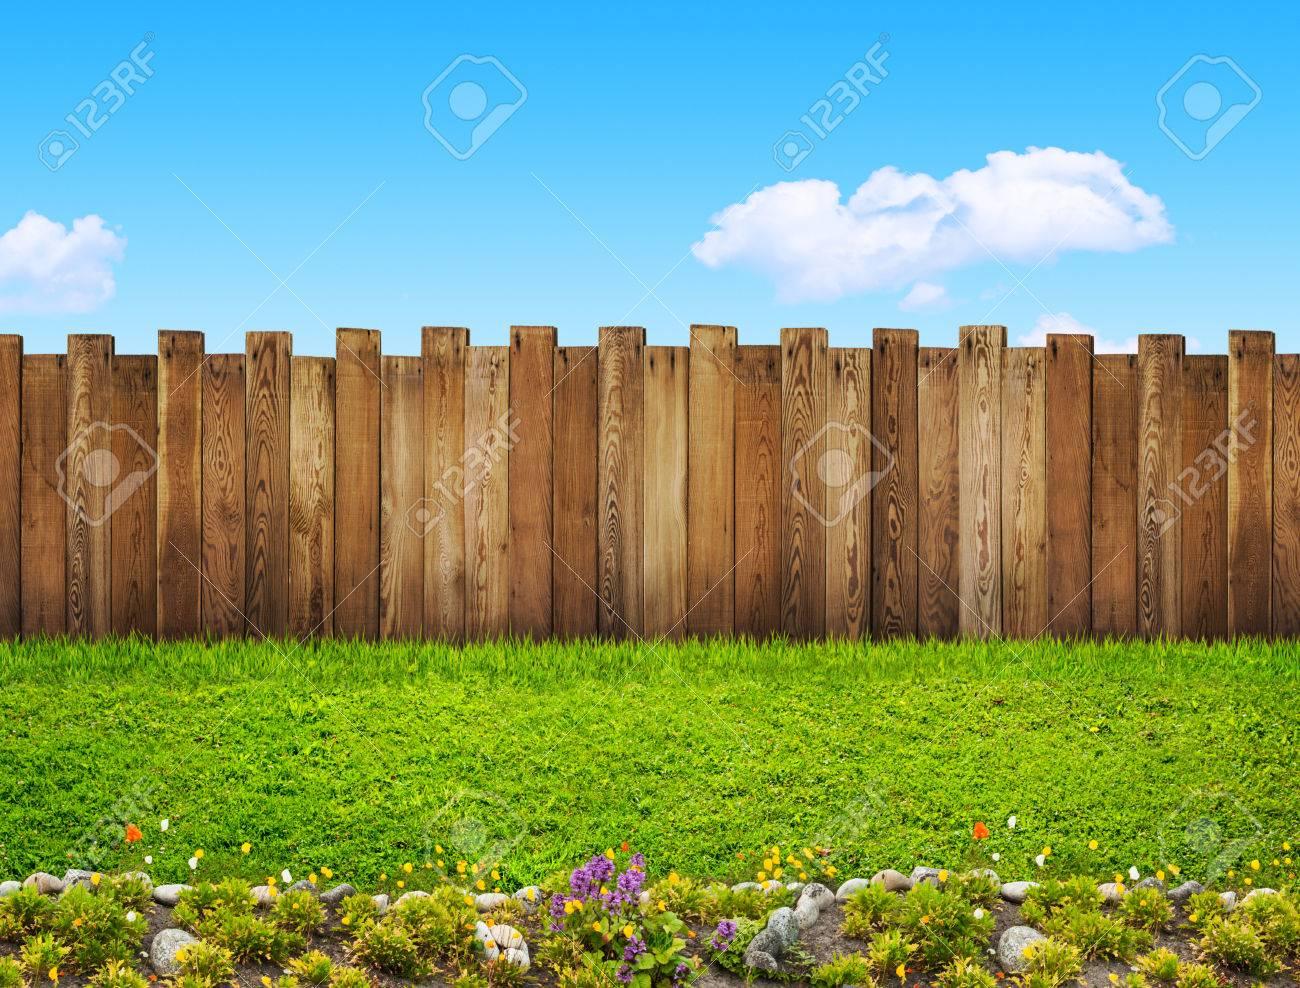 garden fence - 60089779